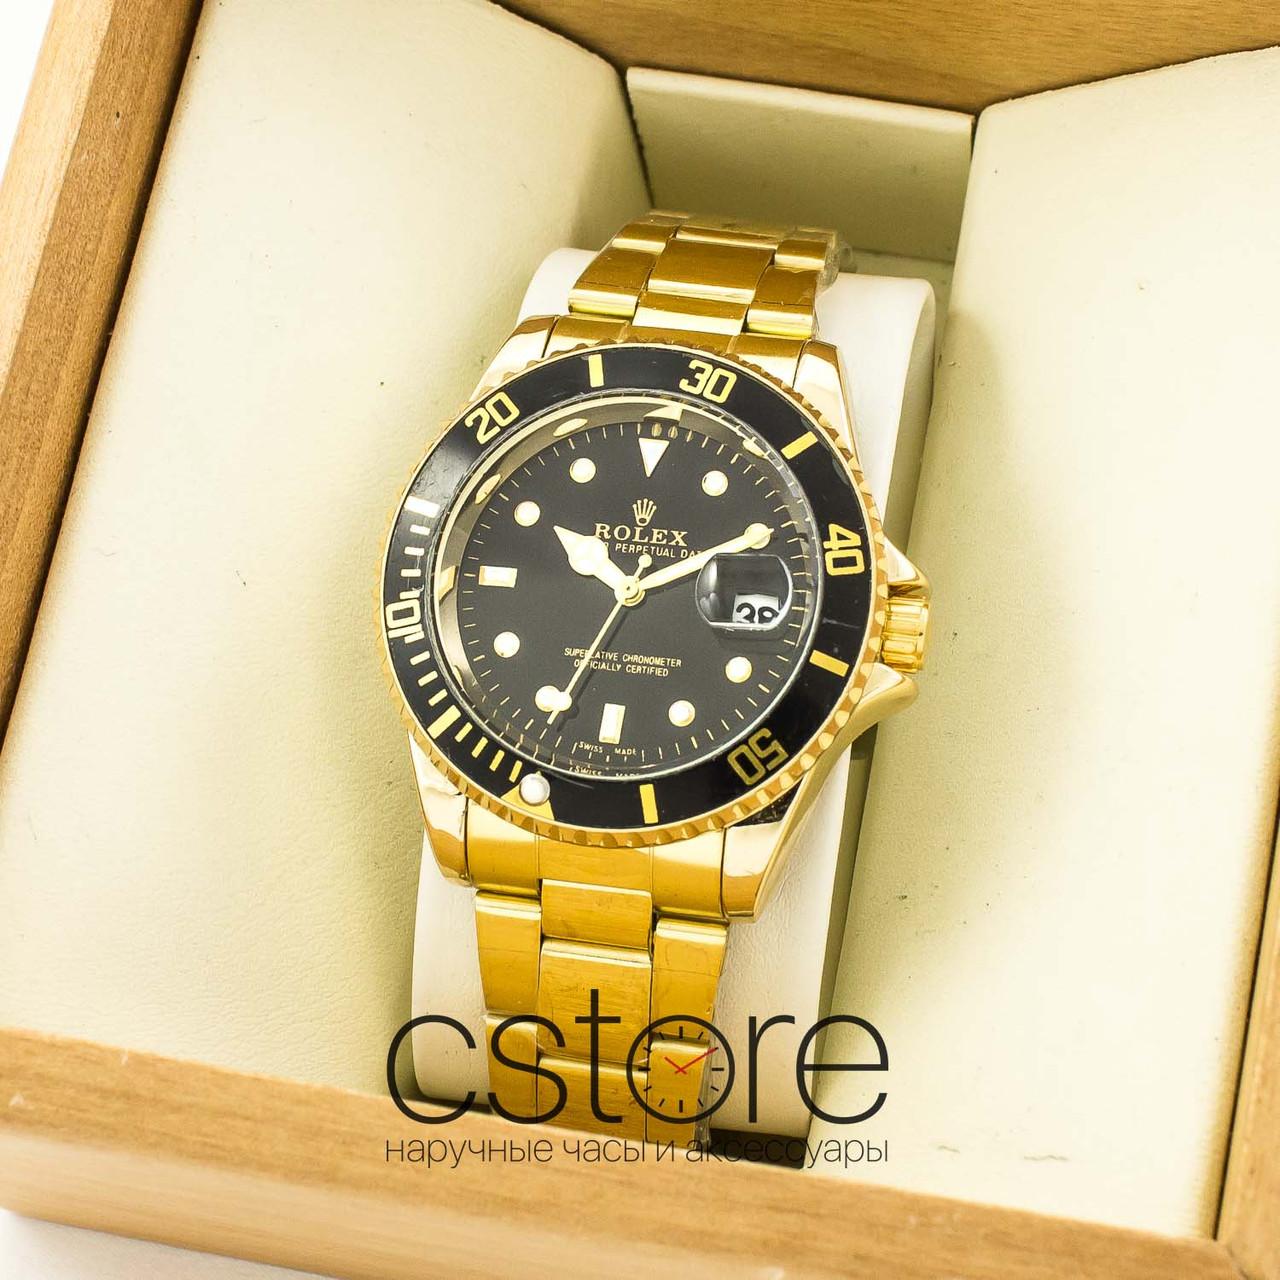 Купить копию мужских наручных часов ролекс где купить часы во вьетнаме